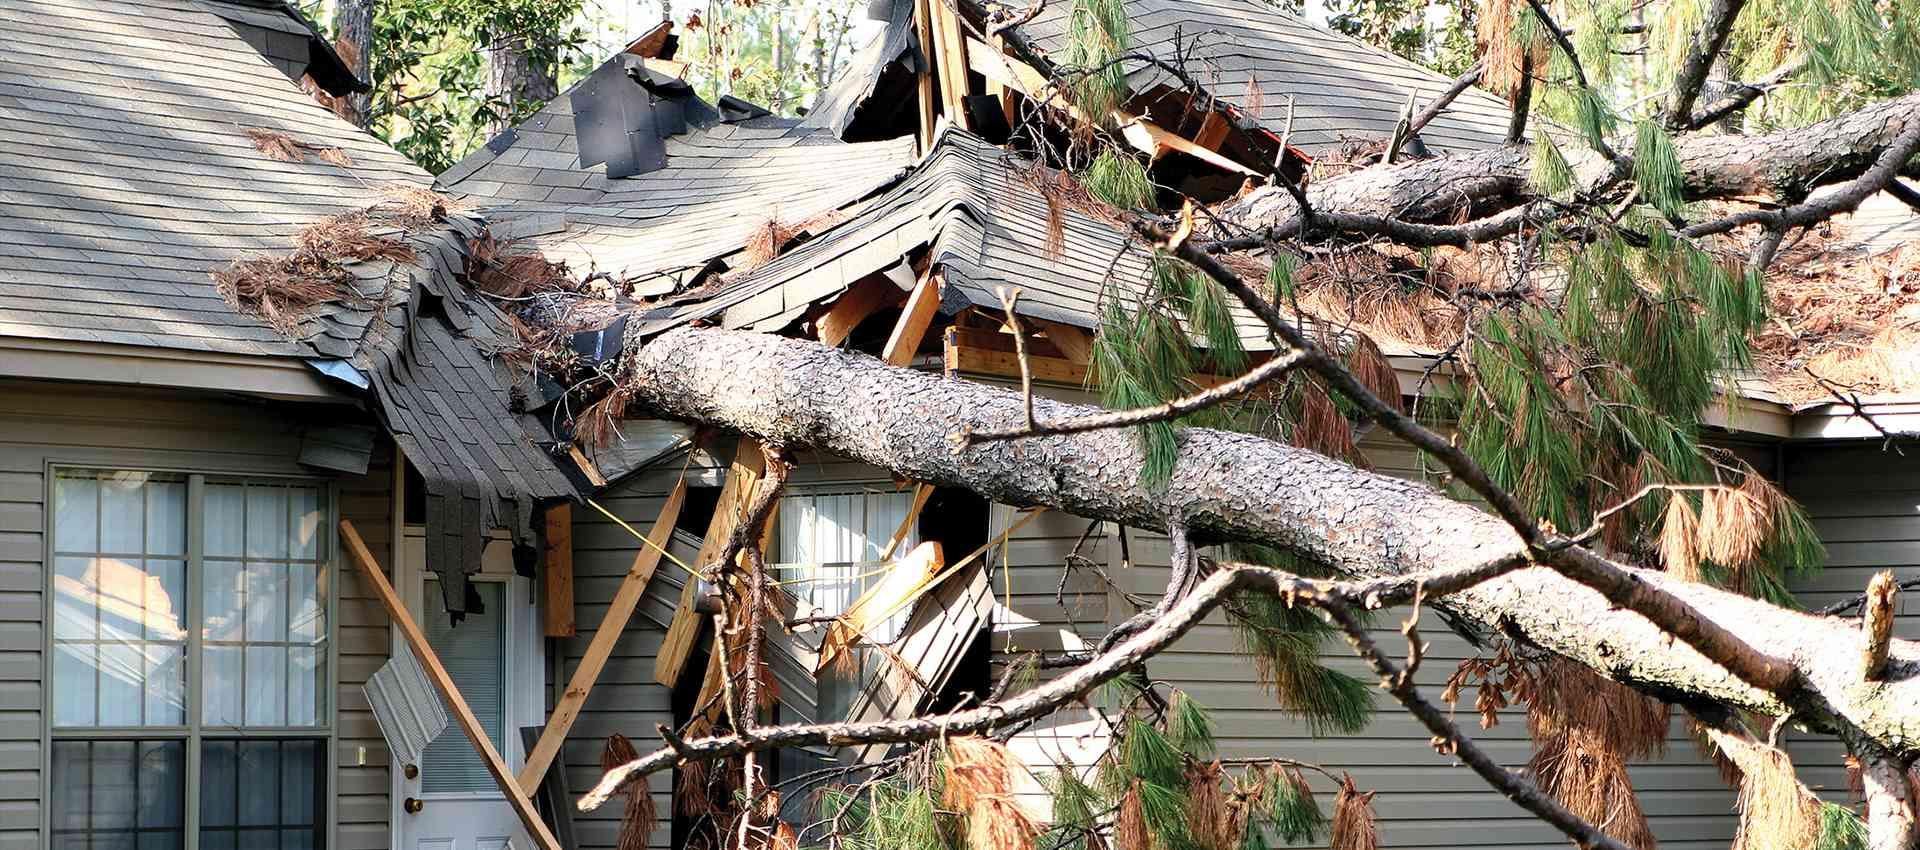 Damagfe requiring an insurance repair.